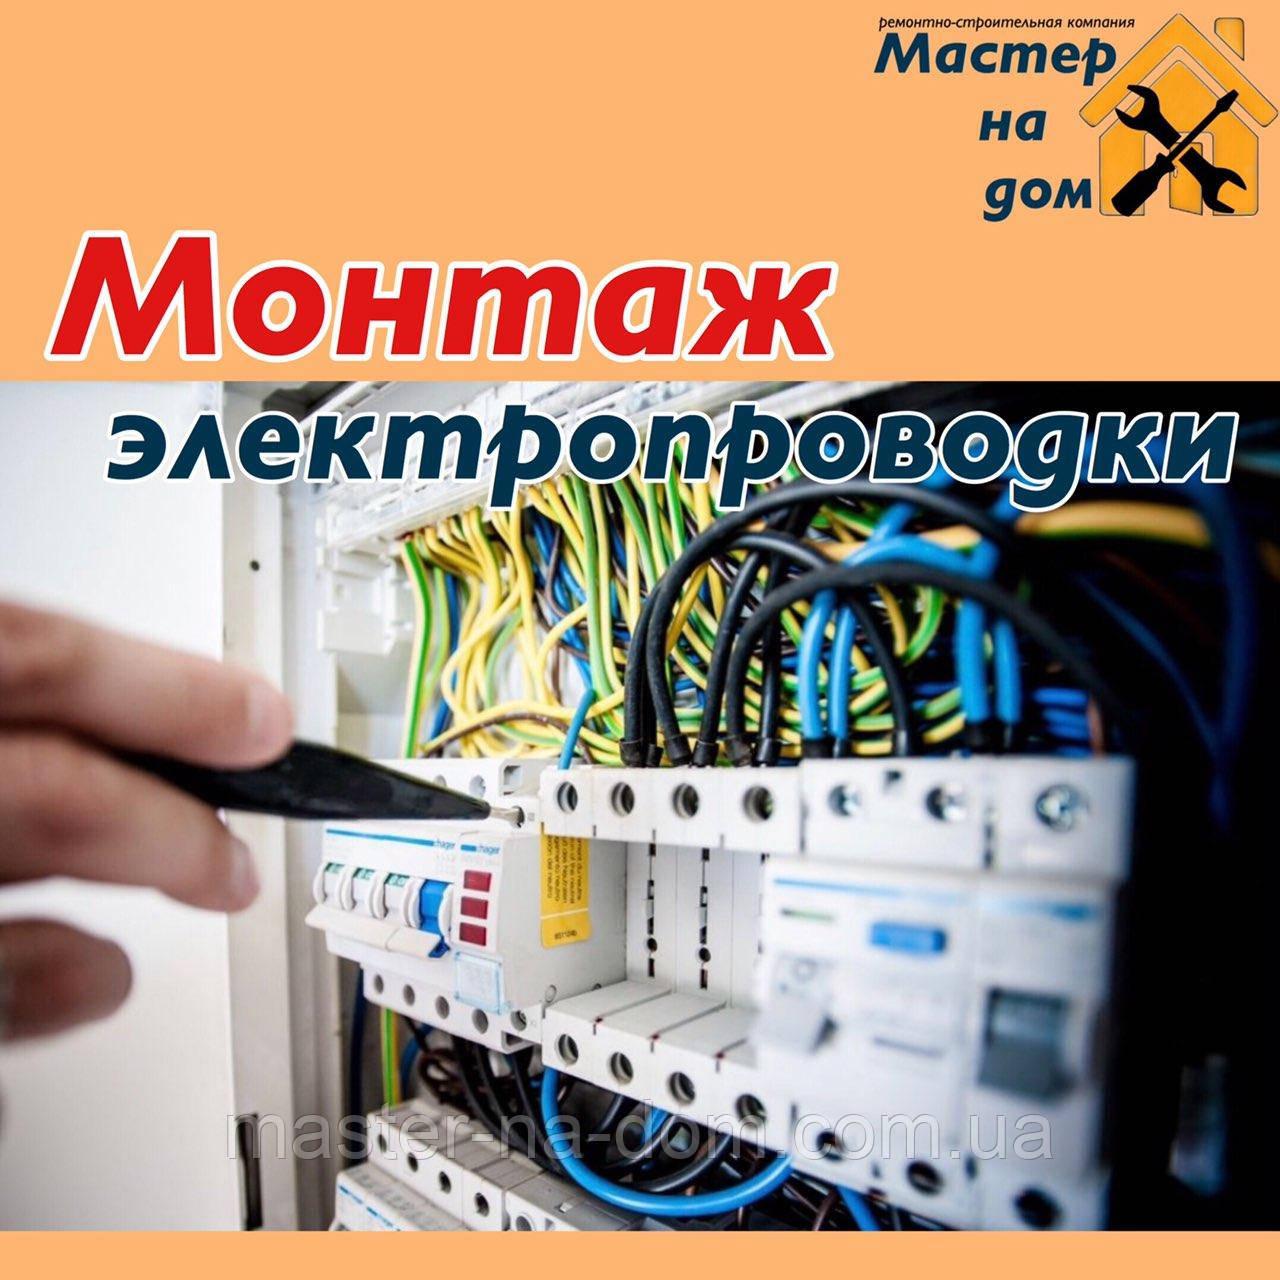 Монтаж электропроводки во Львове